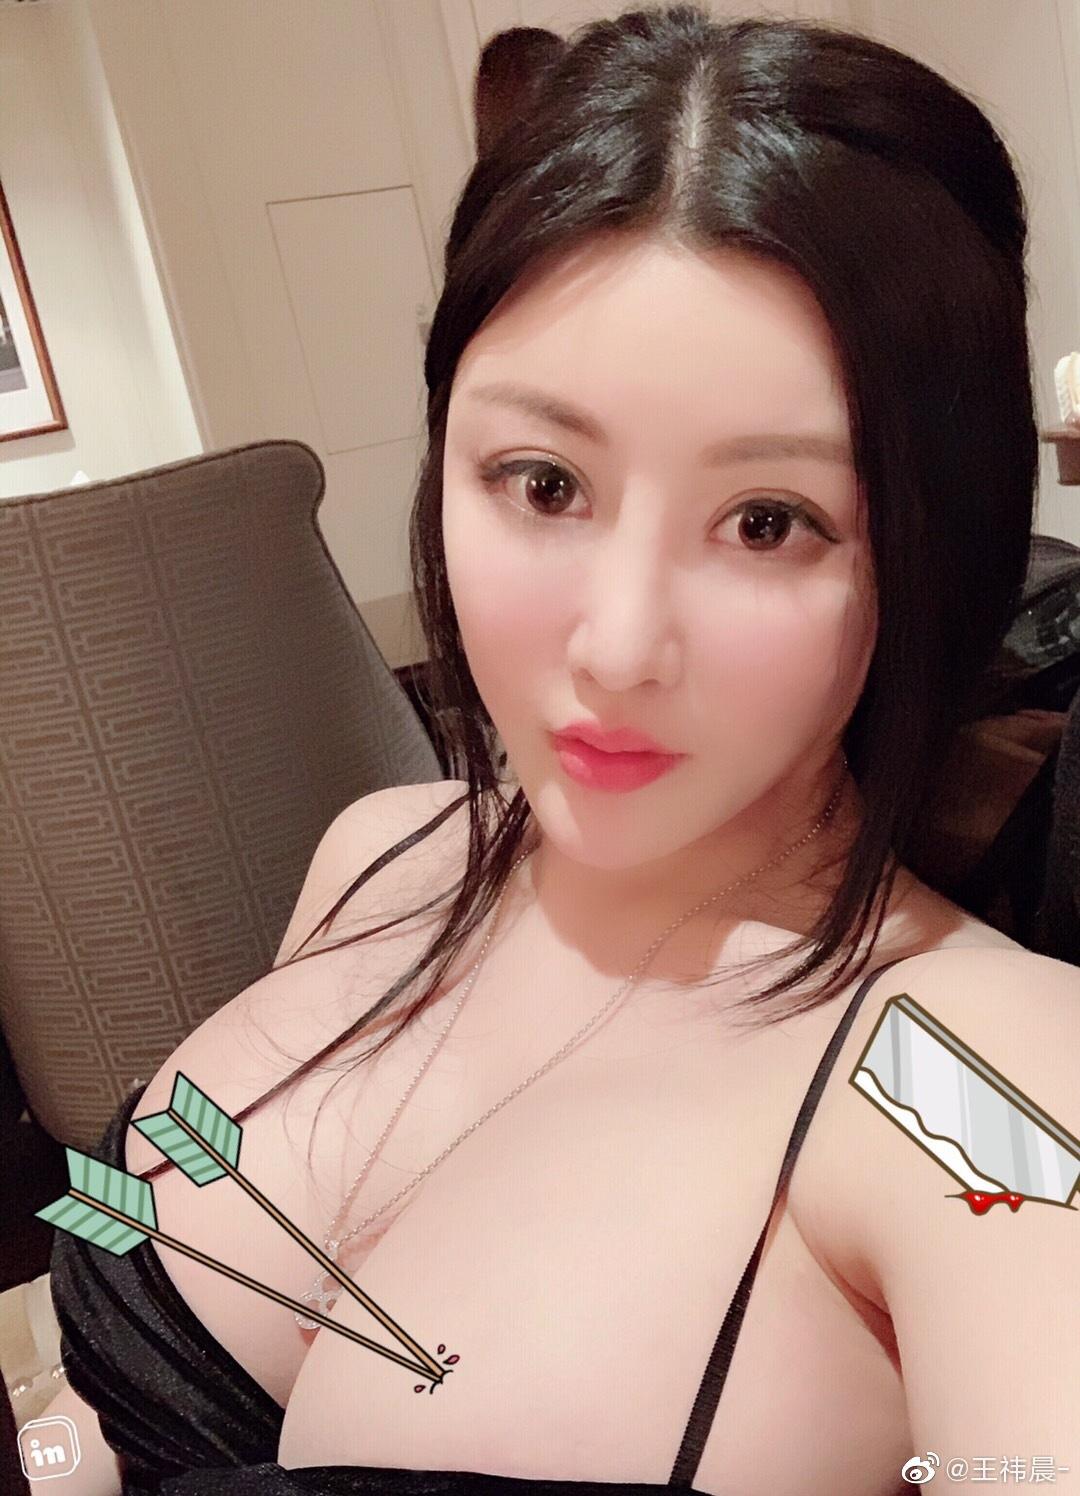 大胸美女王祎晨大尺度喷血诱惑 超H巨乳波霸渔网丝袜1